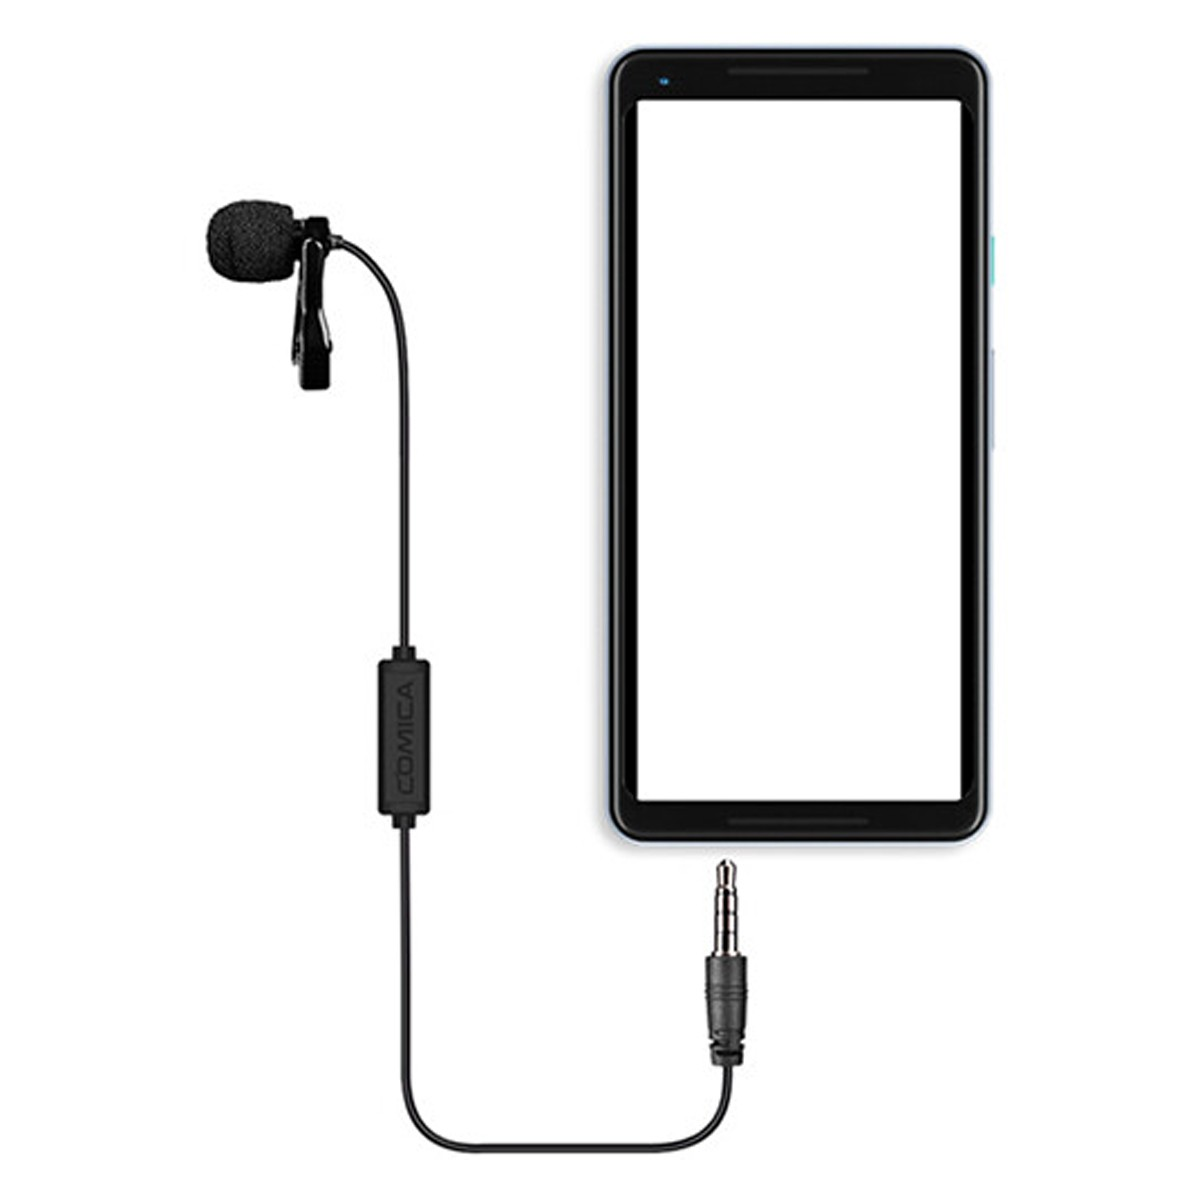 Microfone lapela p/ Smartphone P2 TRRS Comica V01SP (2.5M)